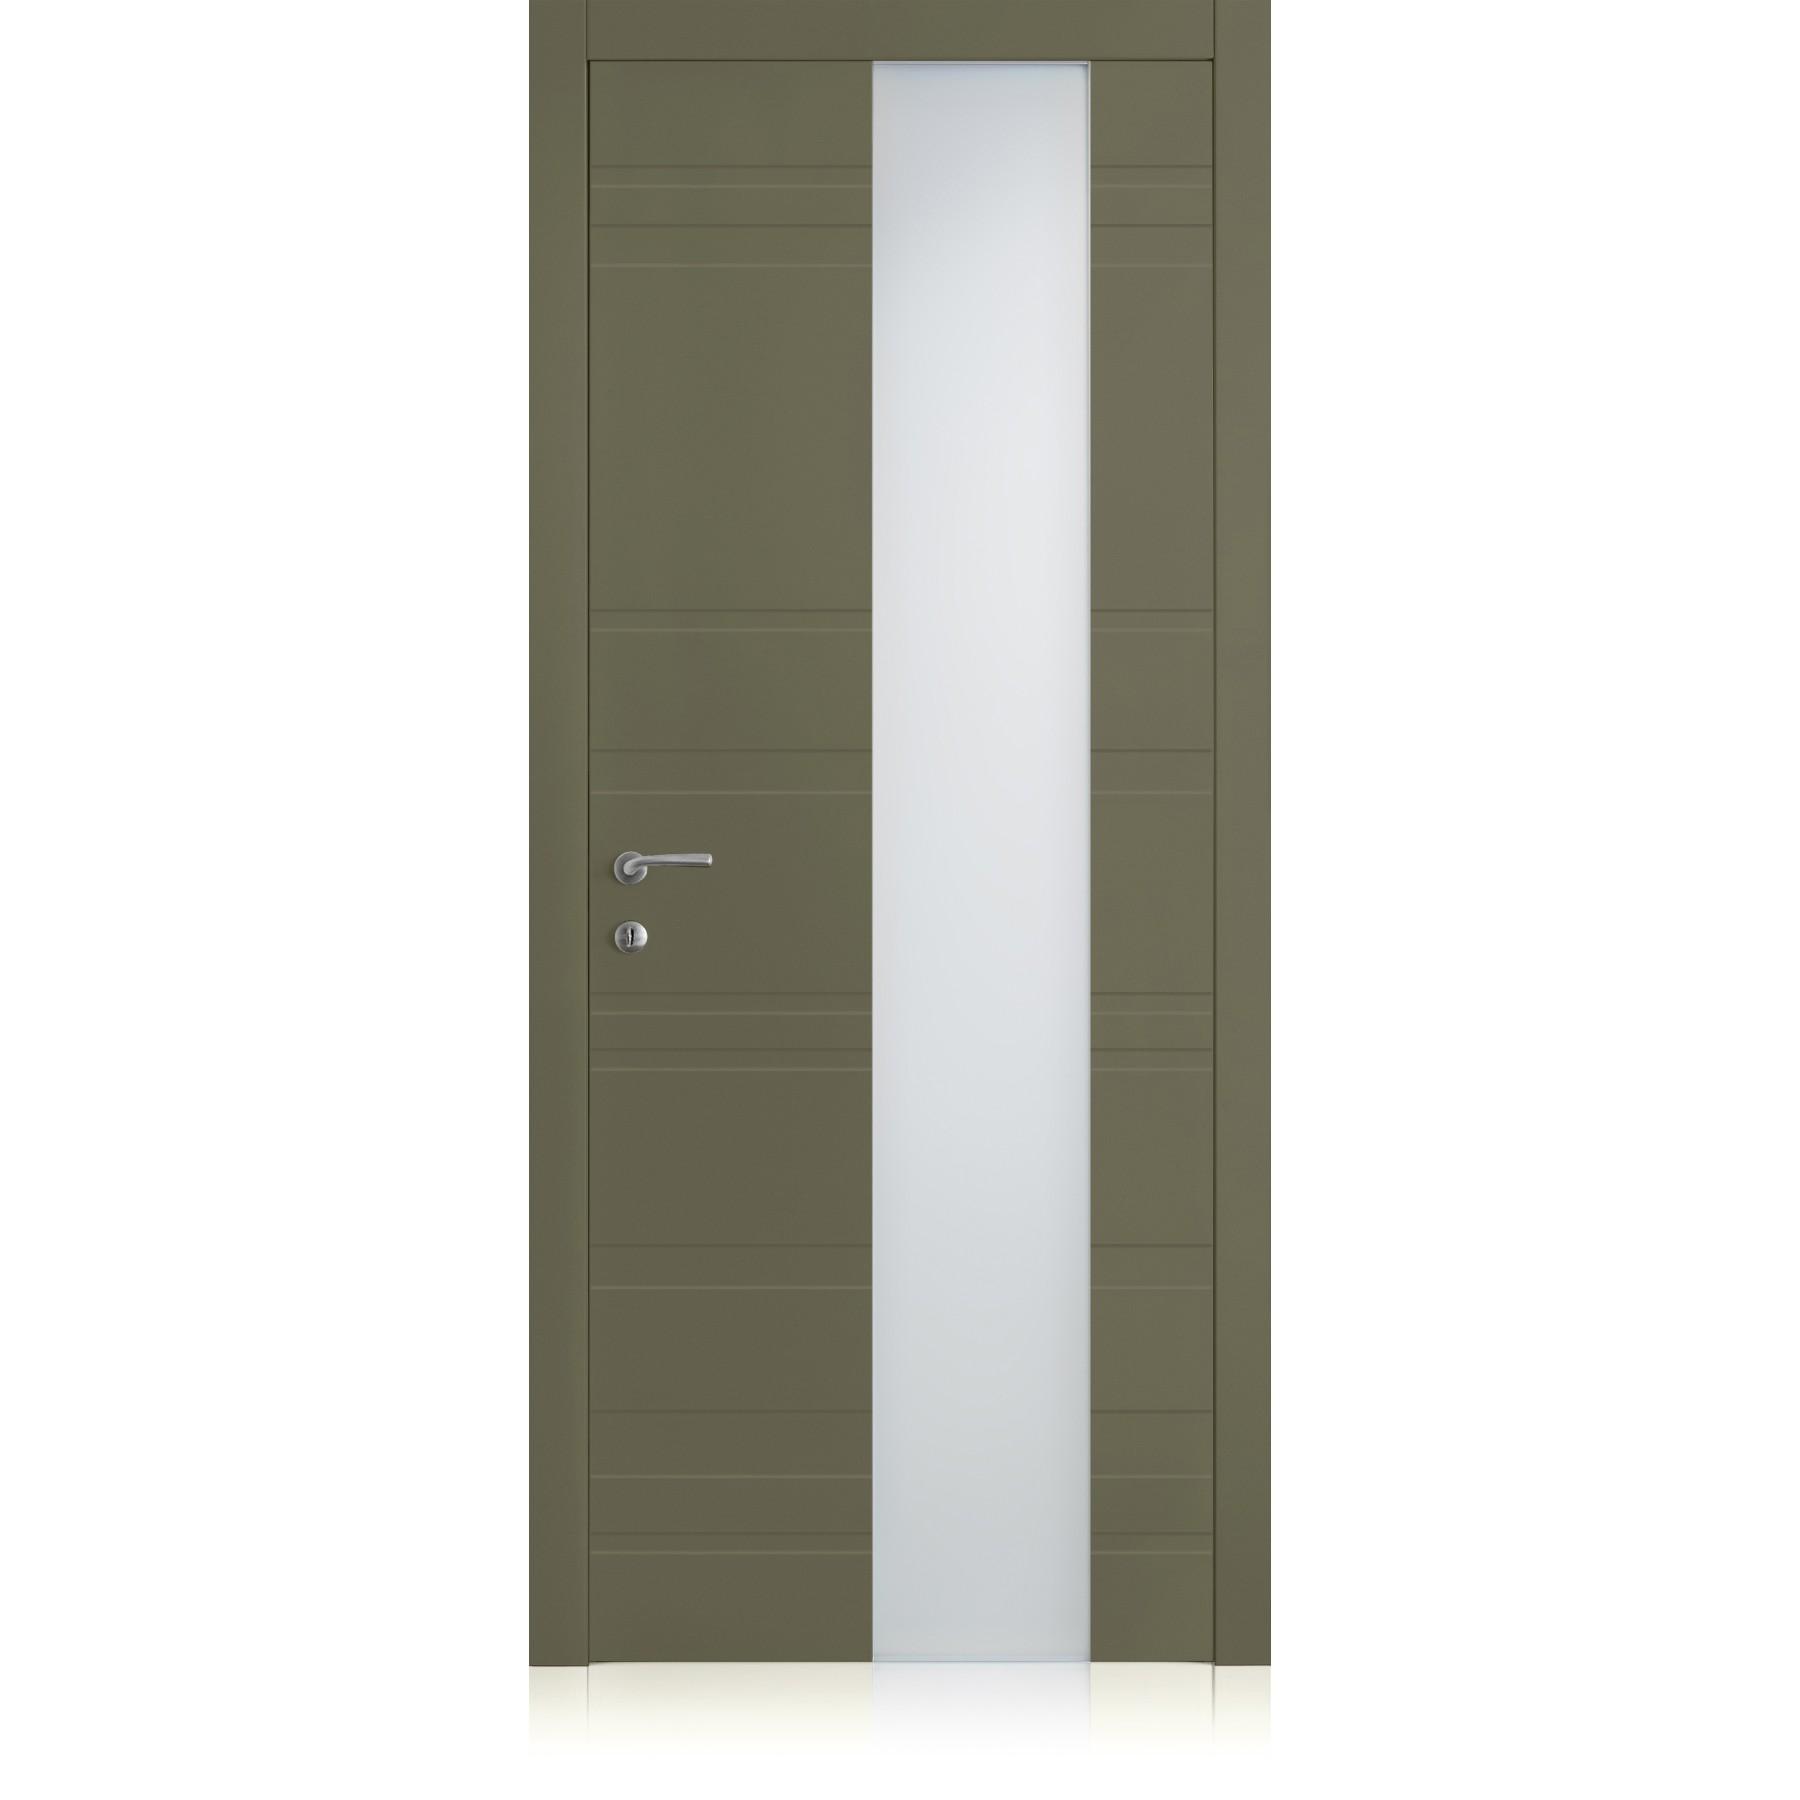 Yncisa Styla Vetro Oliva Light Laccato ULTRAopaco door